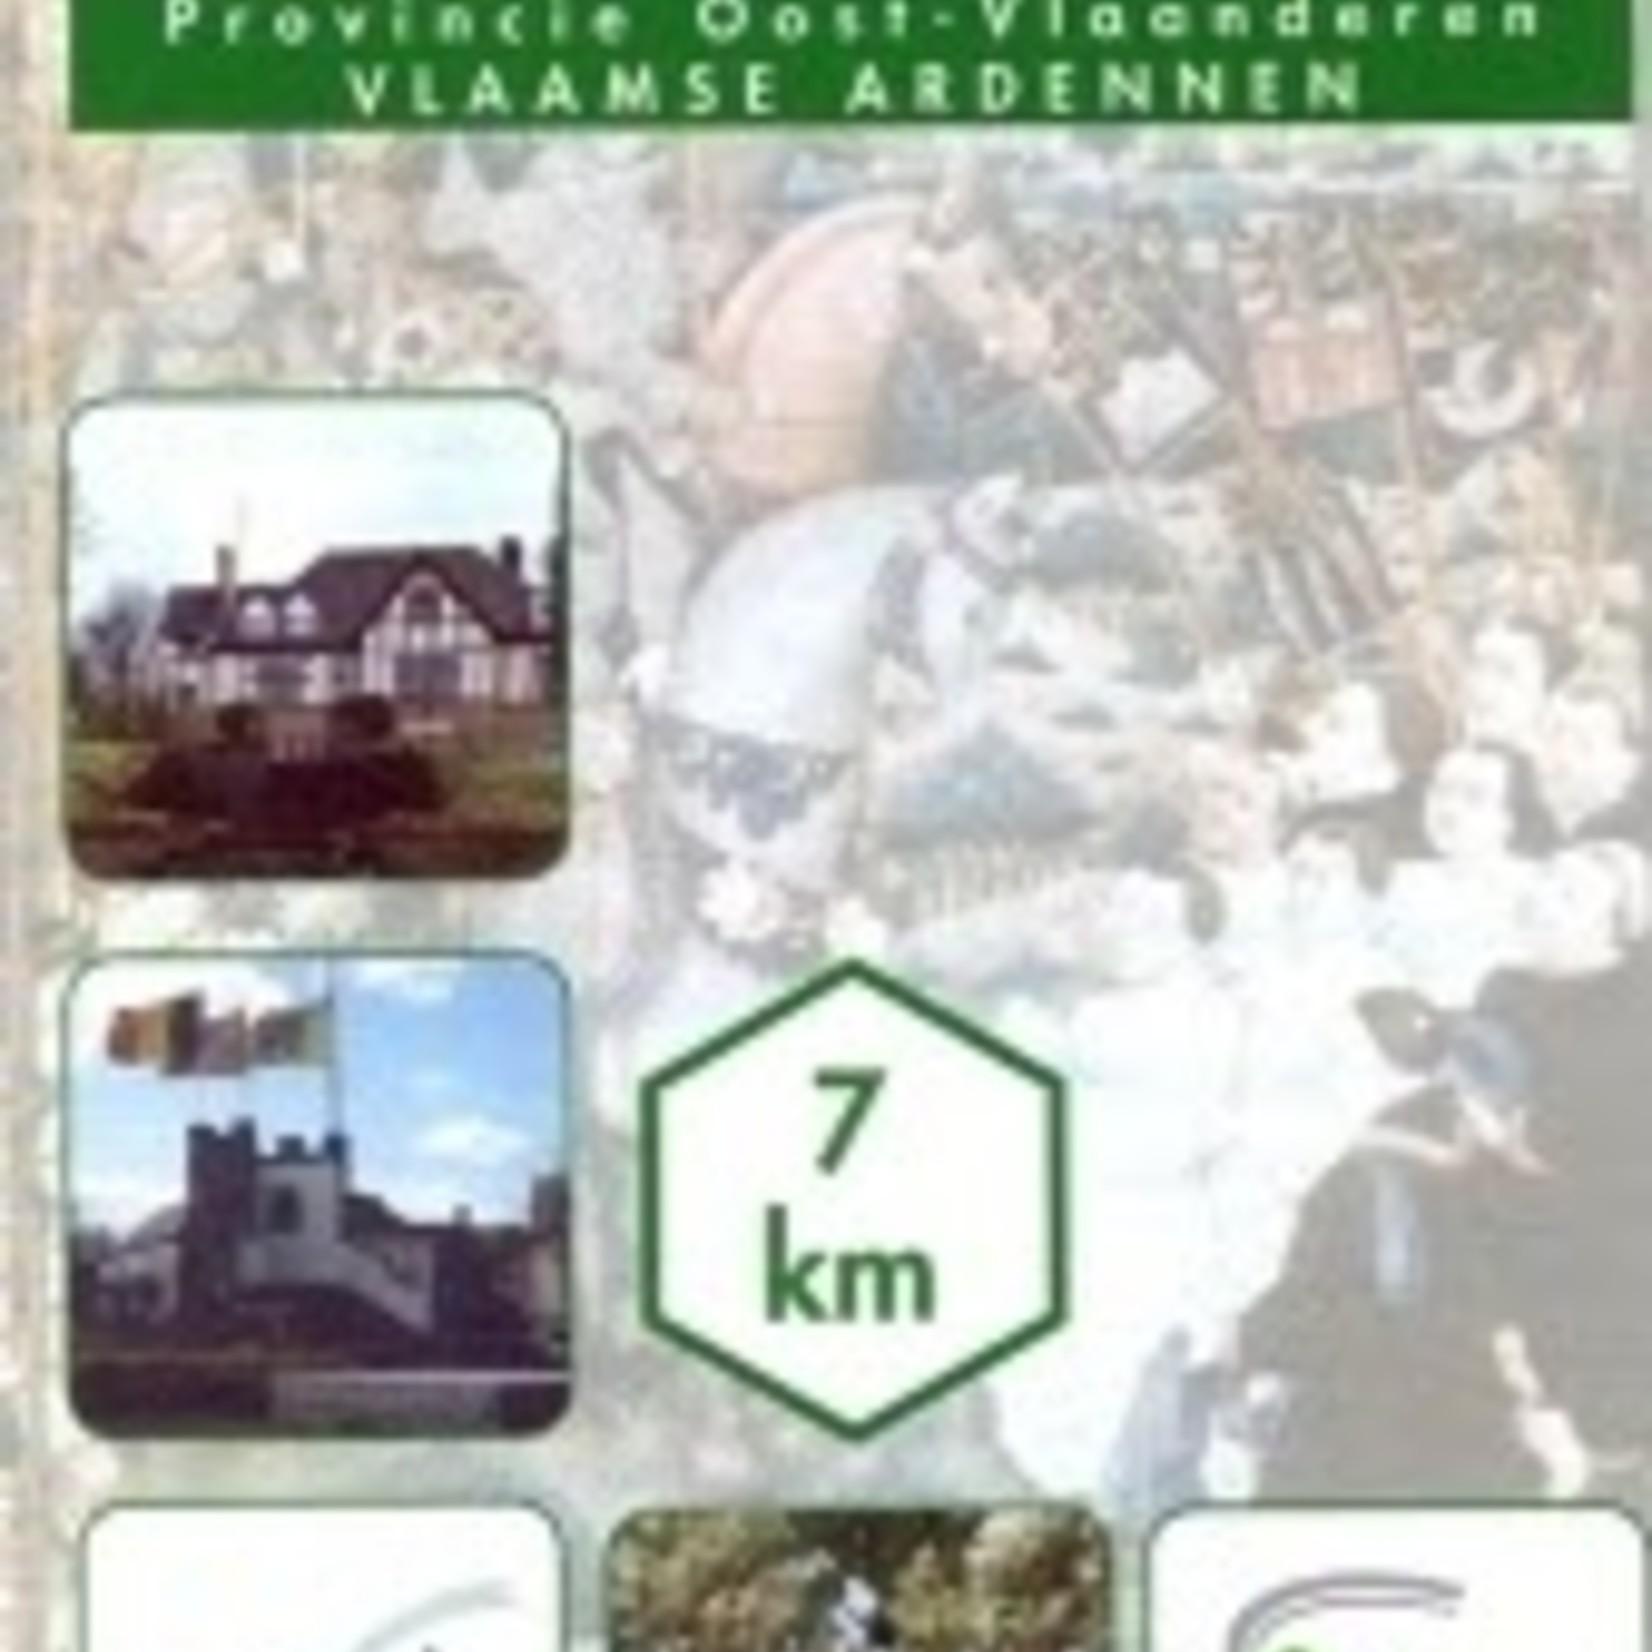 Kaart wandelroute 'Slag bij Gavere'